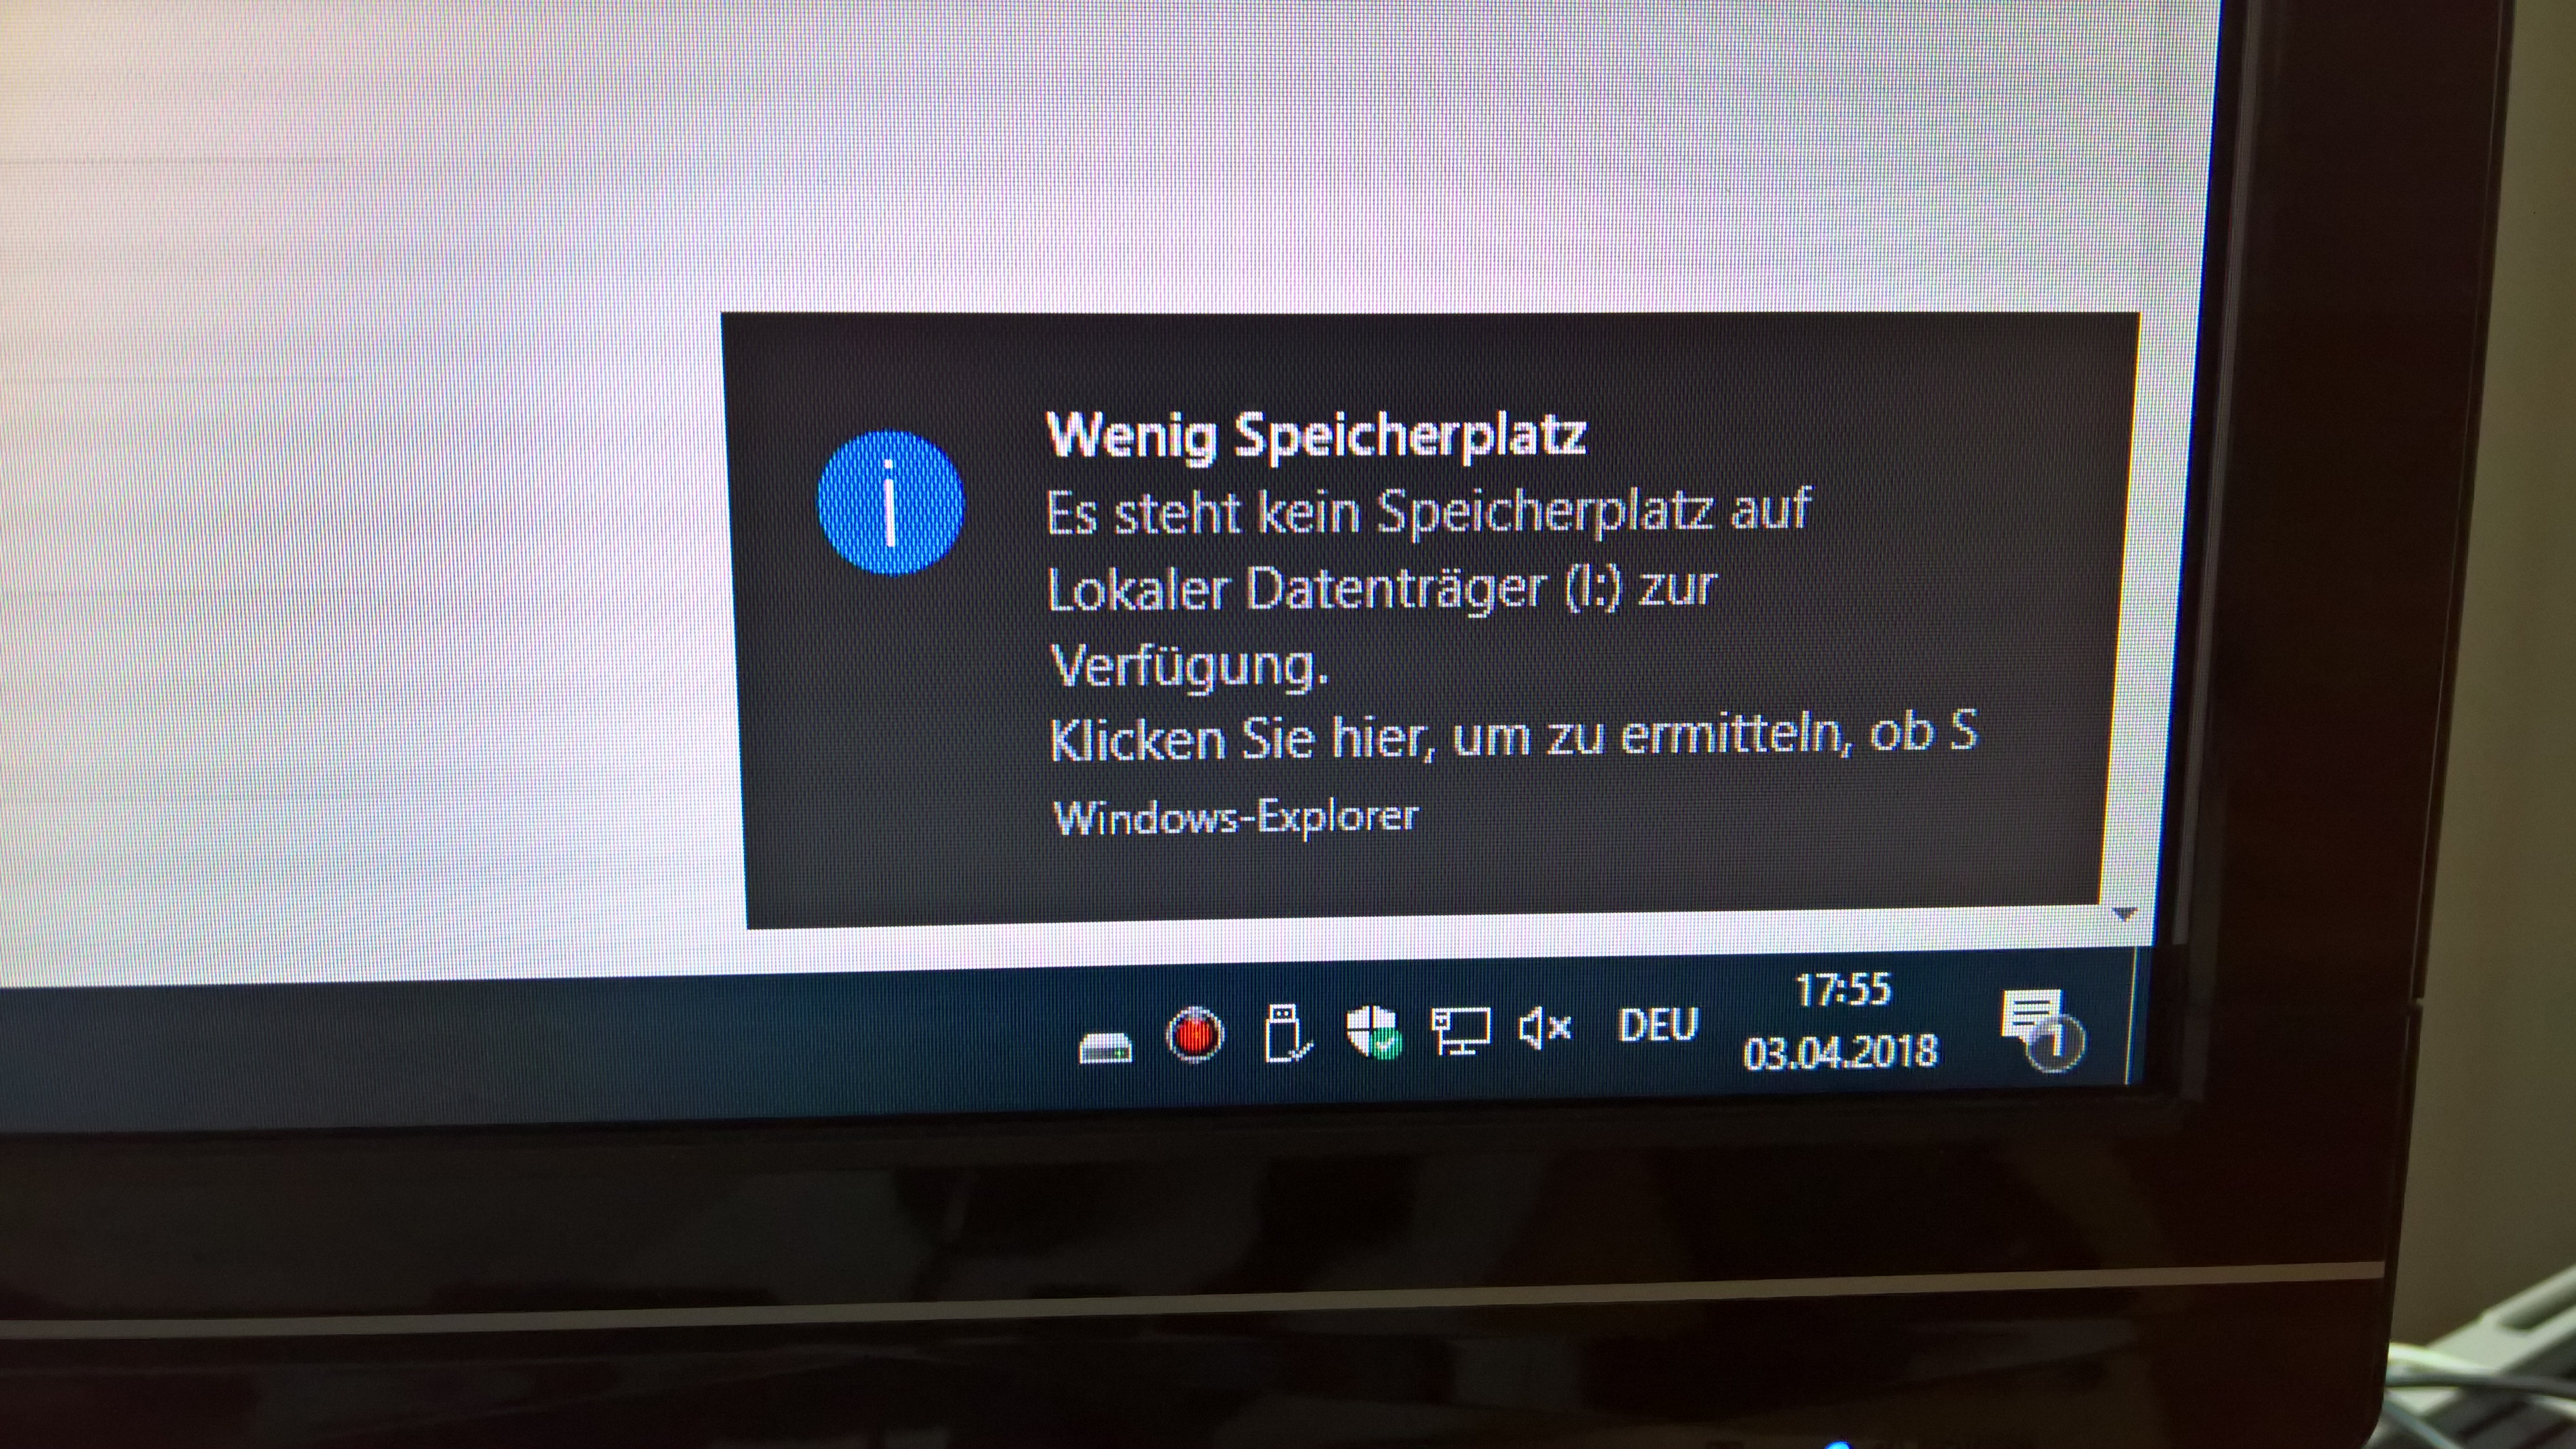 """Nach dem Update """"Wenig Speicherplatz"""""""